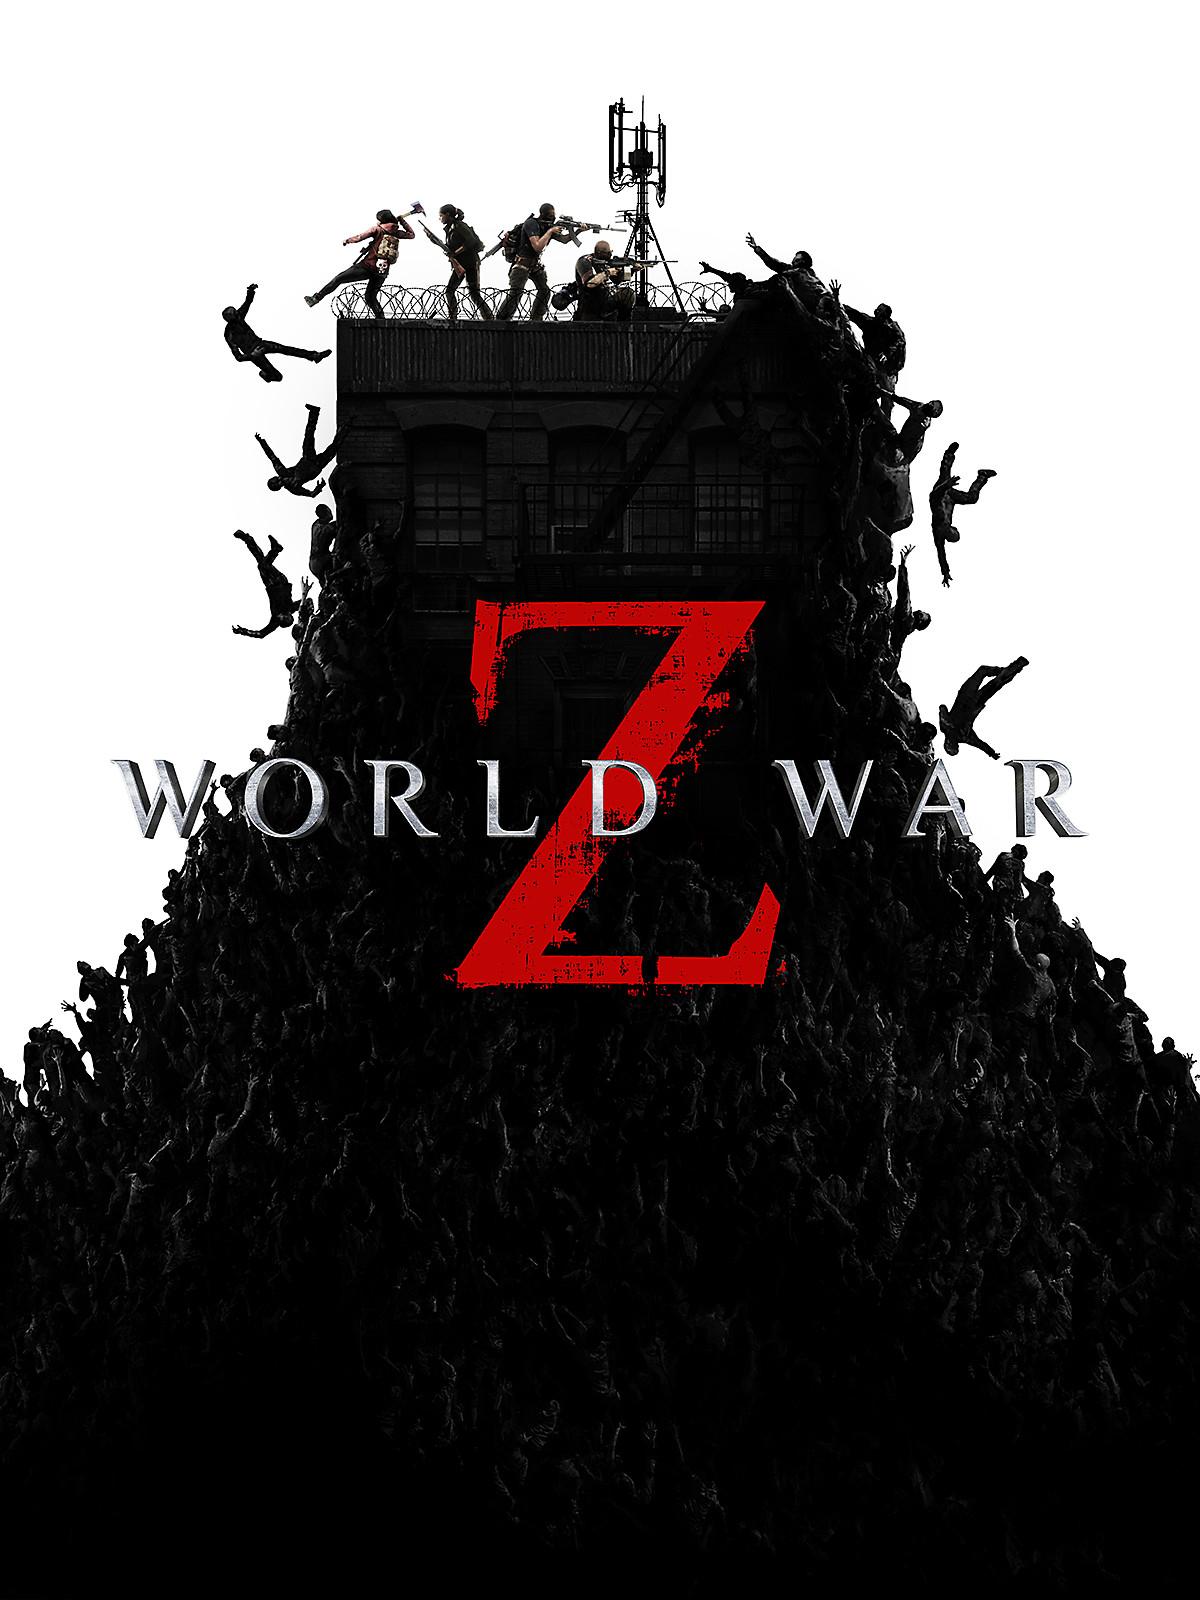 World War Z (Playstation) £7.49 at Playstation Network